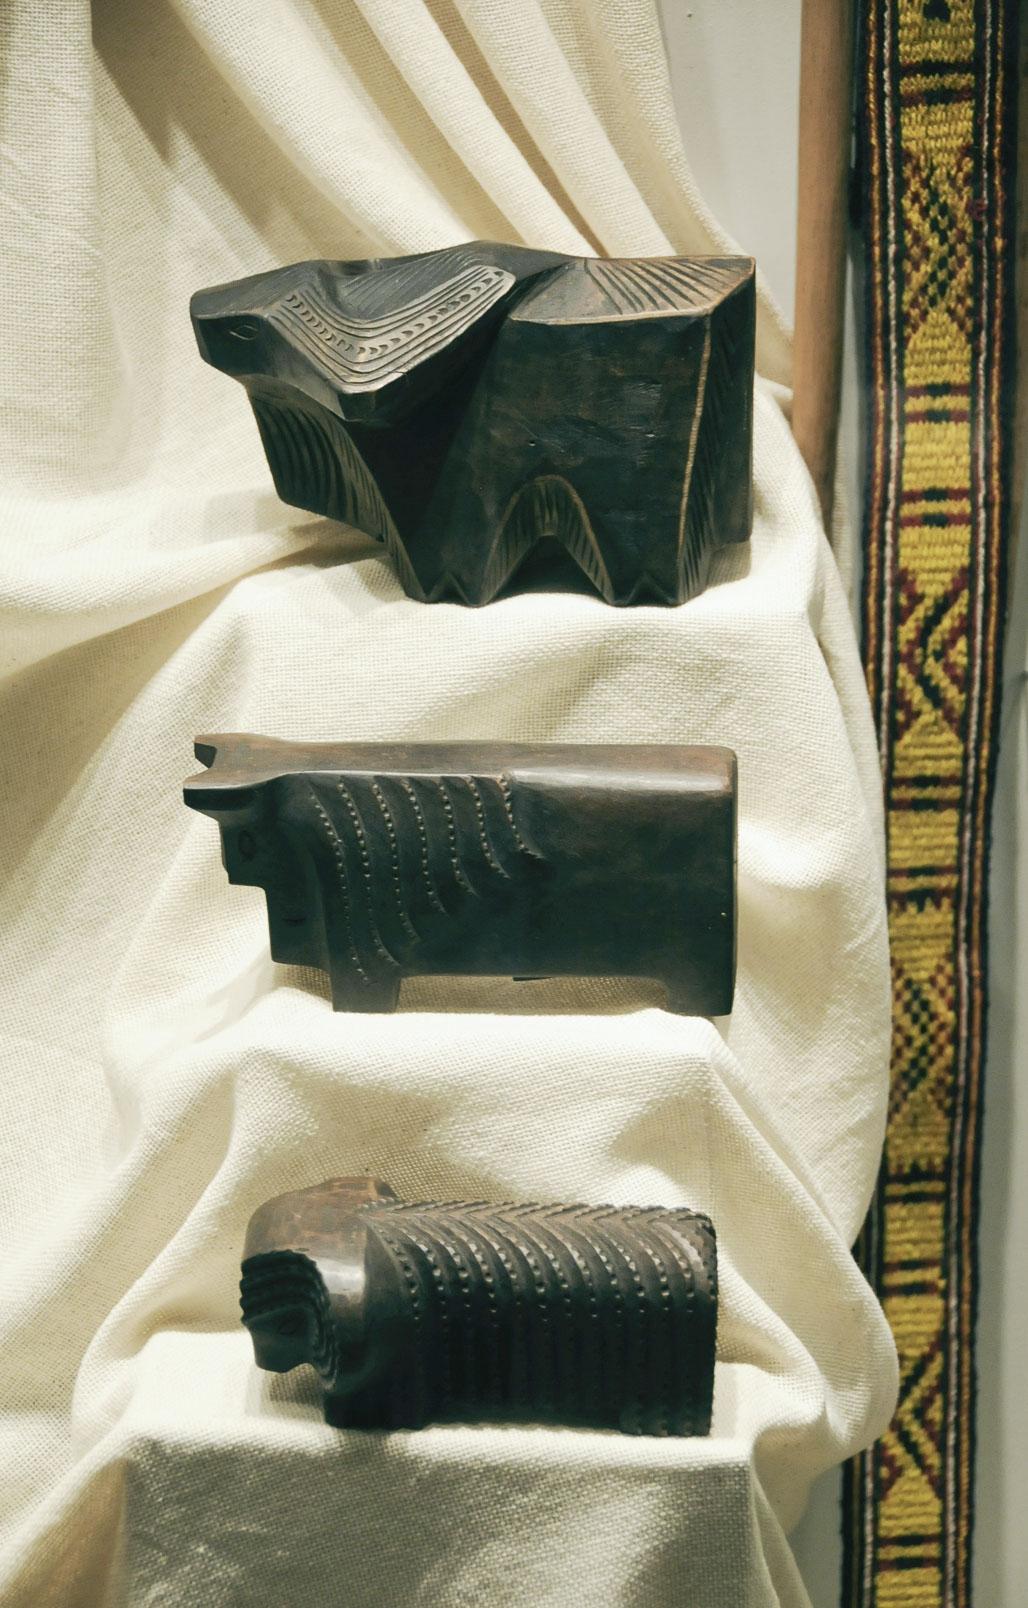 troyan-museum-kak-ojivqva-dyrvoto-5